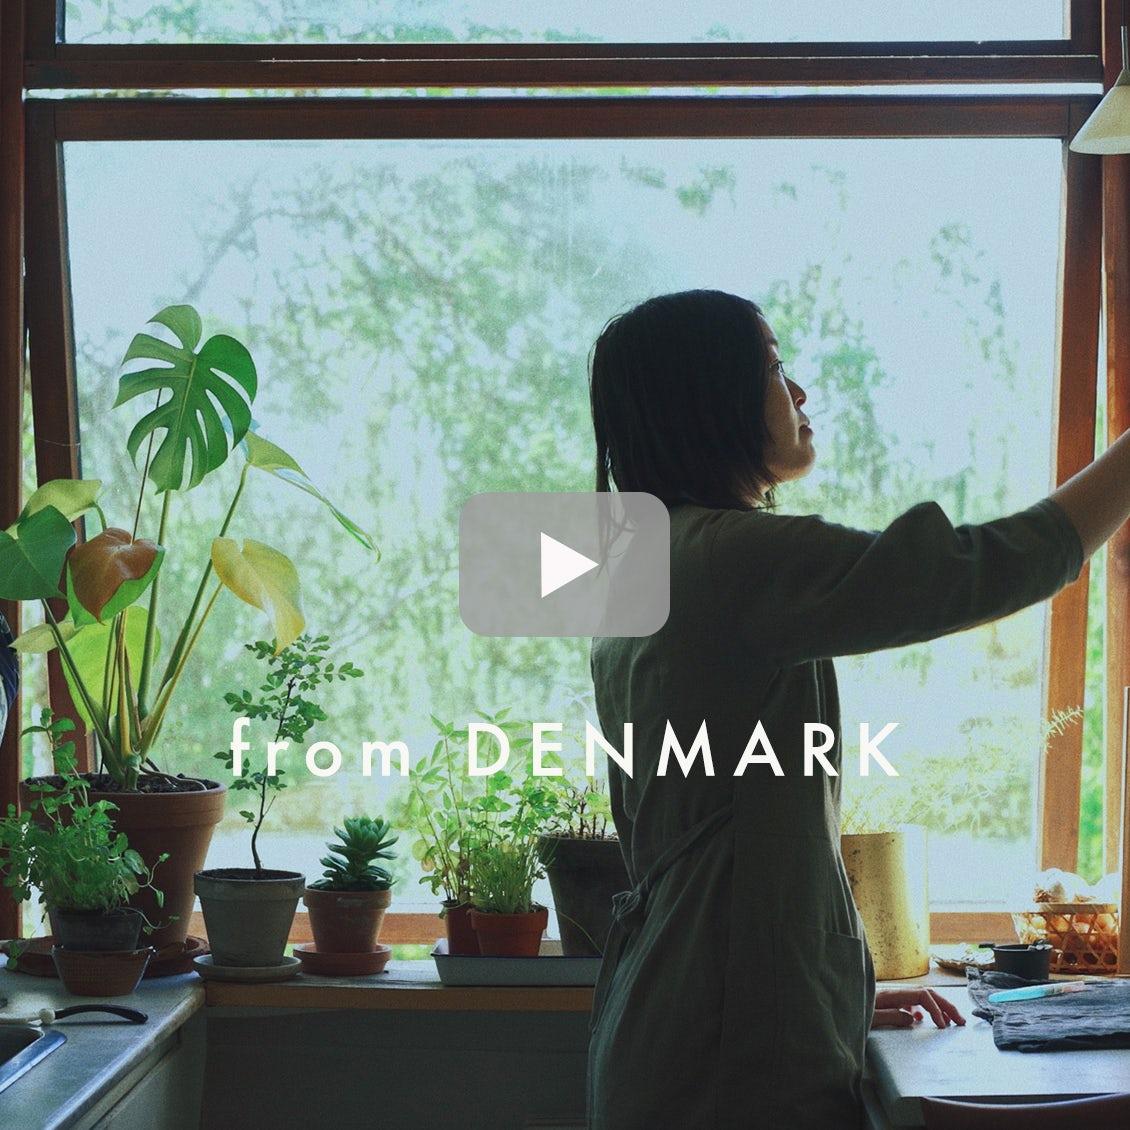 【北欧に暮らすひと】第2弾 コペンハーゲンに移住して8年。建築家・みきさんのモーニングルーティン